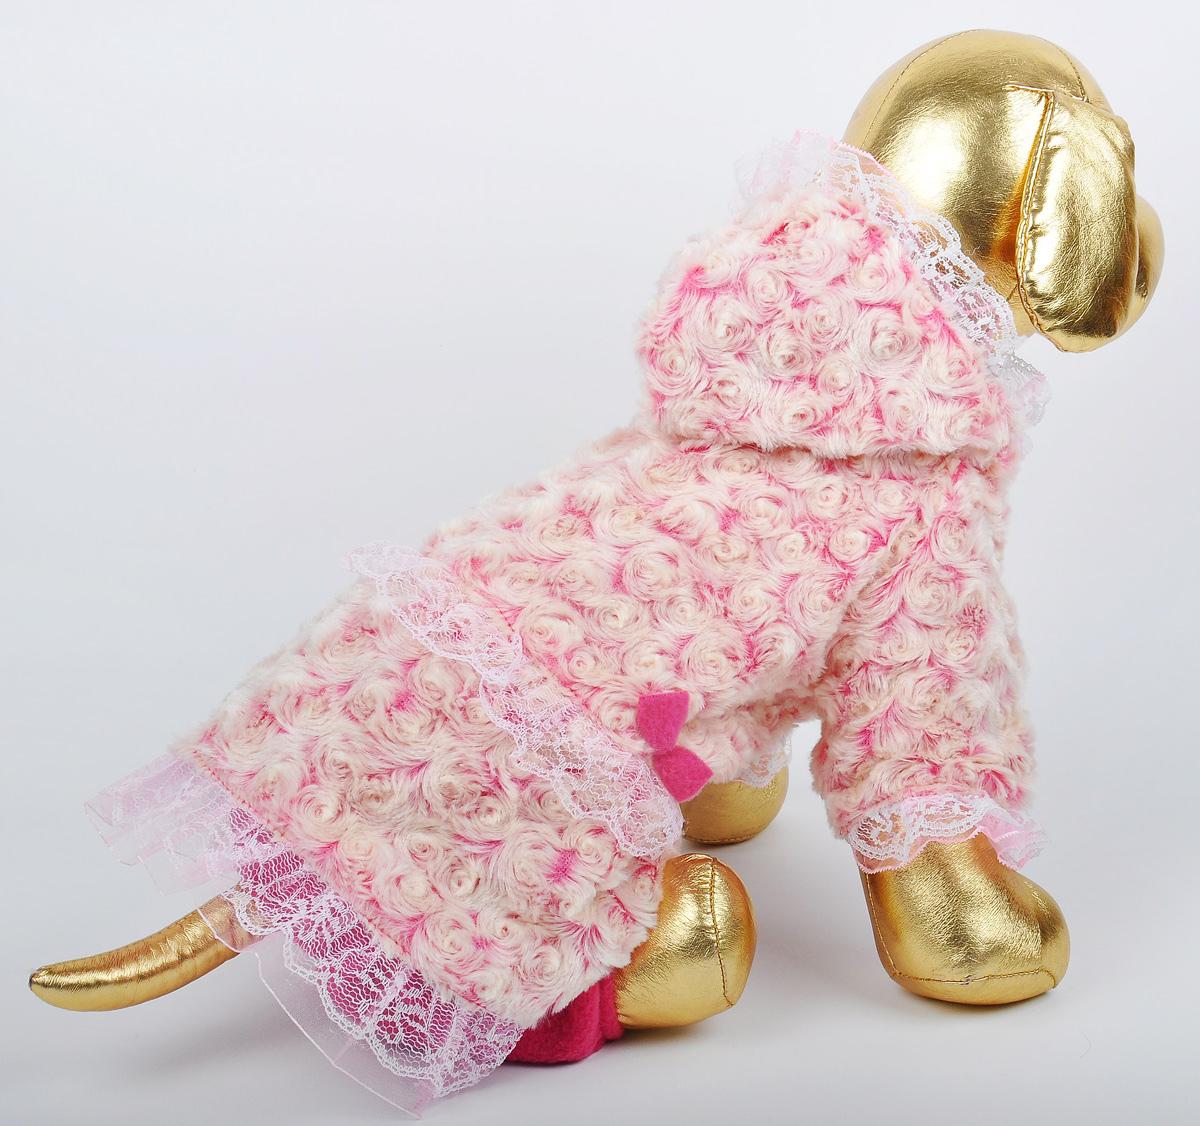 Шубка для собак GLG, цвет: розовый. Размер LMOS-016-colors-XXLШубка для собак GLG выполнена из полиэстера и синтепона. Длинные рукава не ограничивают свободу движений, и собачка будет чувствовать себя в нем комфортно. Изделие застегивается с помощью кнопок..Модная и невероятно удобная шубка защитит вашего питомца от прохладной погоды .Длина спины: 28-30 см Обхват груди: 43-45 см.